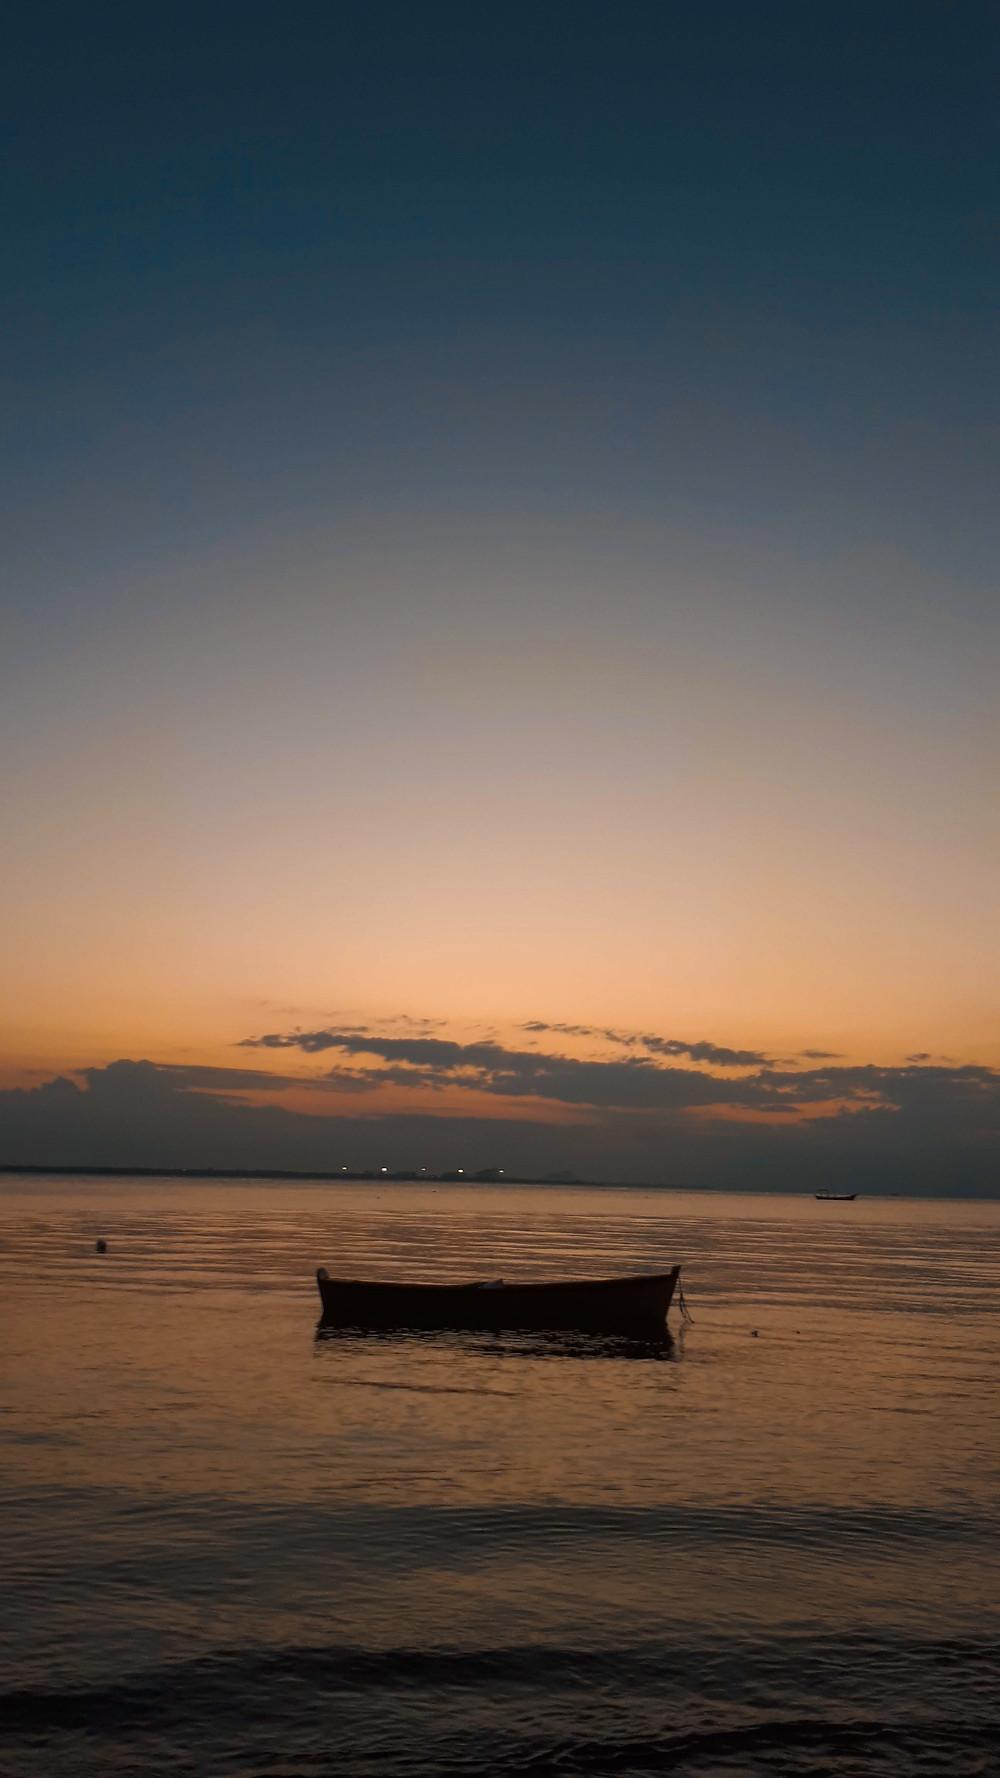 Paisagem ao pôr do sol. Na parte debaixo da imagem, o mar e, bem no centro, um pequeno barco, em formato de jangada. Na parte superior, o céu em tons alaranjados e azuis, com algumas nuvens no horizonte e, acima, totalmente limpo.